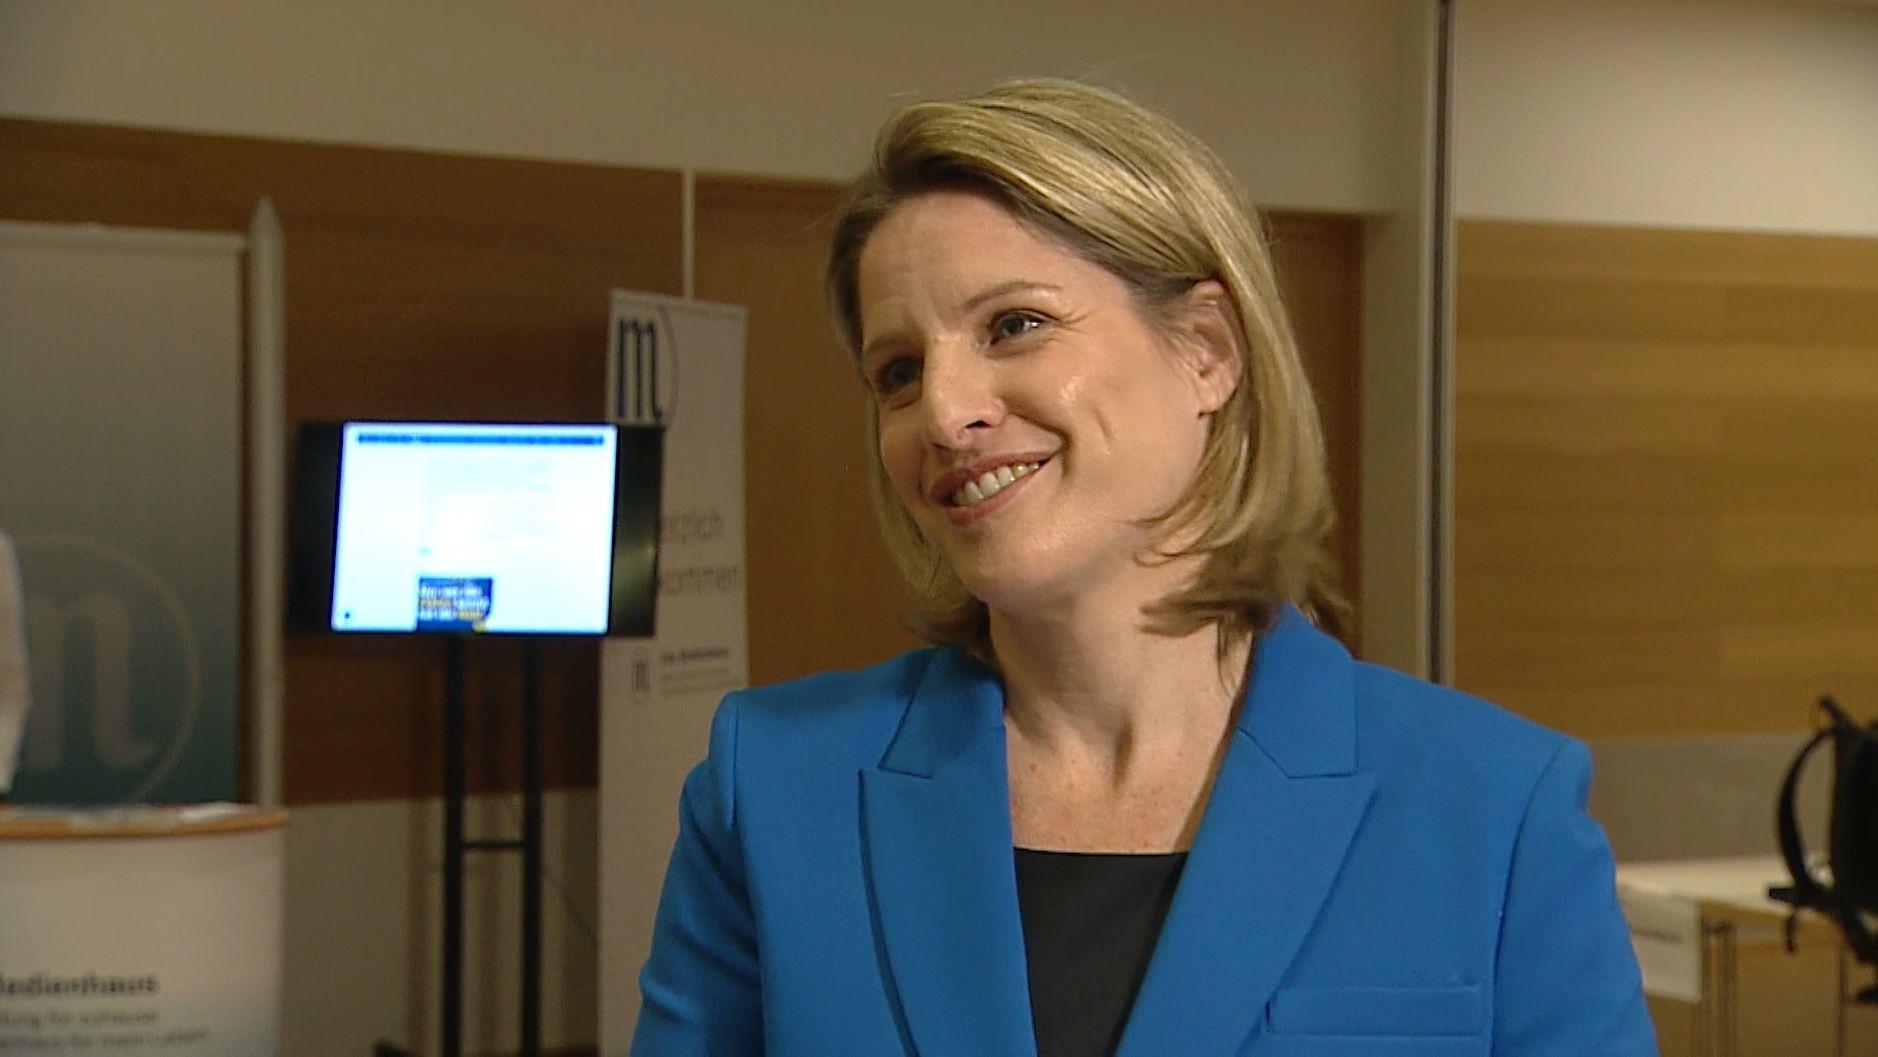 Regensburg hat gewählt. Jetzt steht eine Stichwahl an: Astrid Freudenstein von der CSU tritt gegen Gertrud Maltz-Schwarzfischer an - Freudenstein zeigt sich mit dem Ergebnis zufrieden.